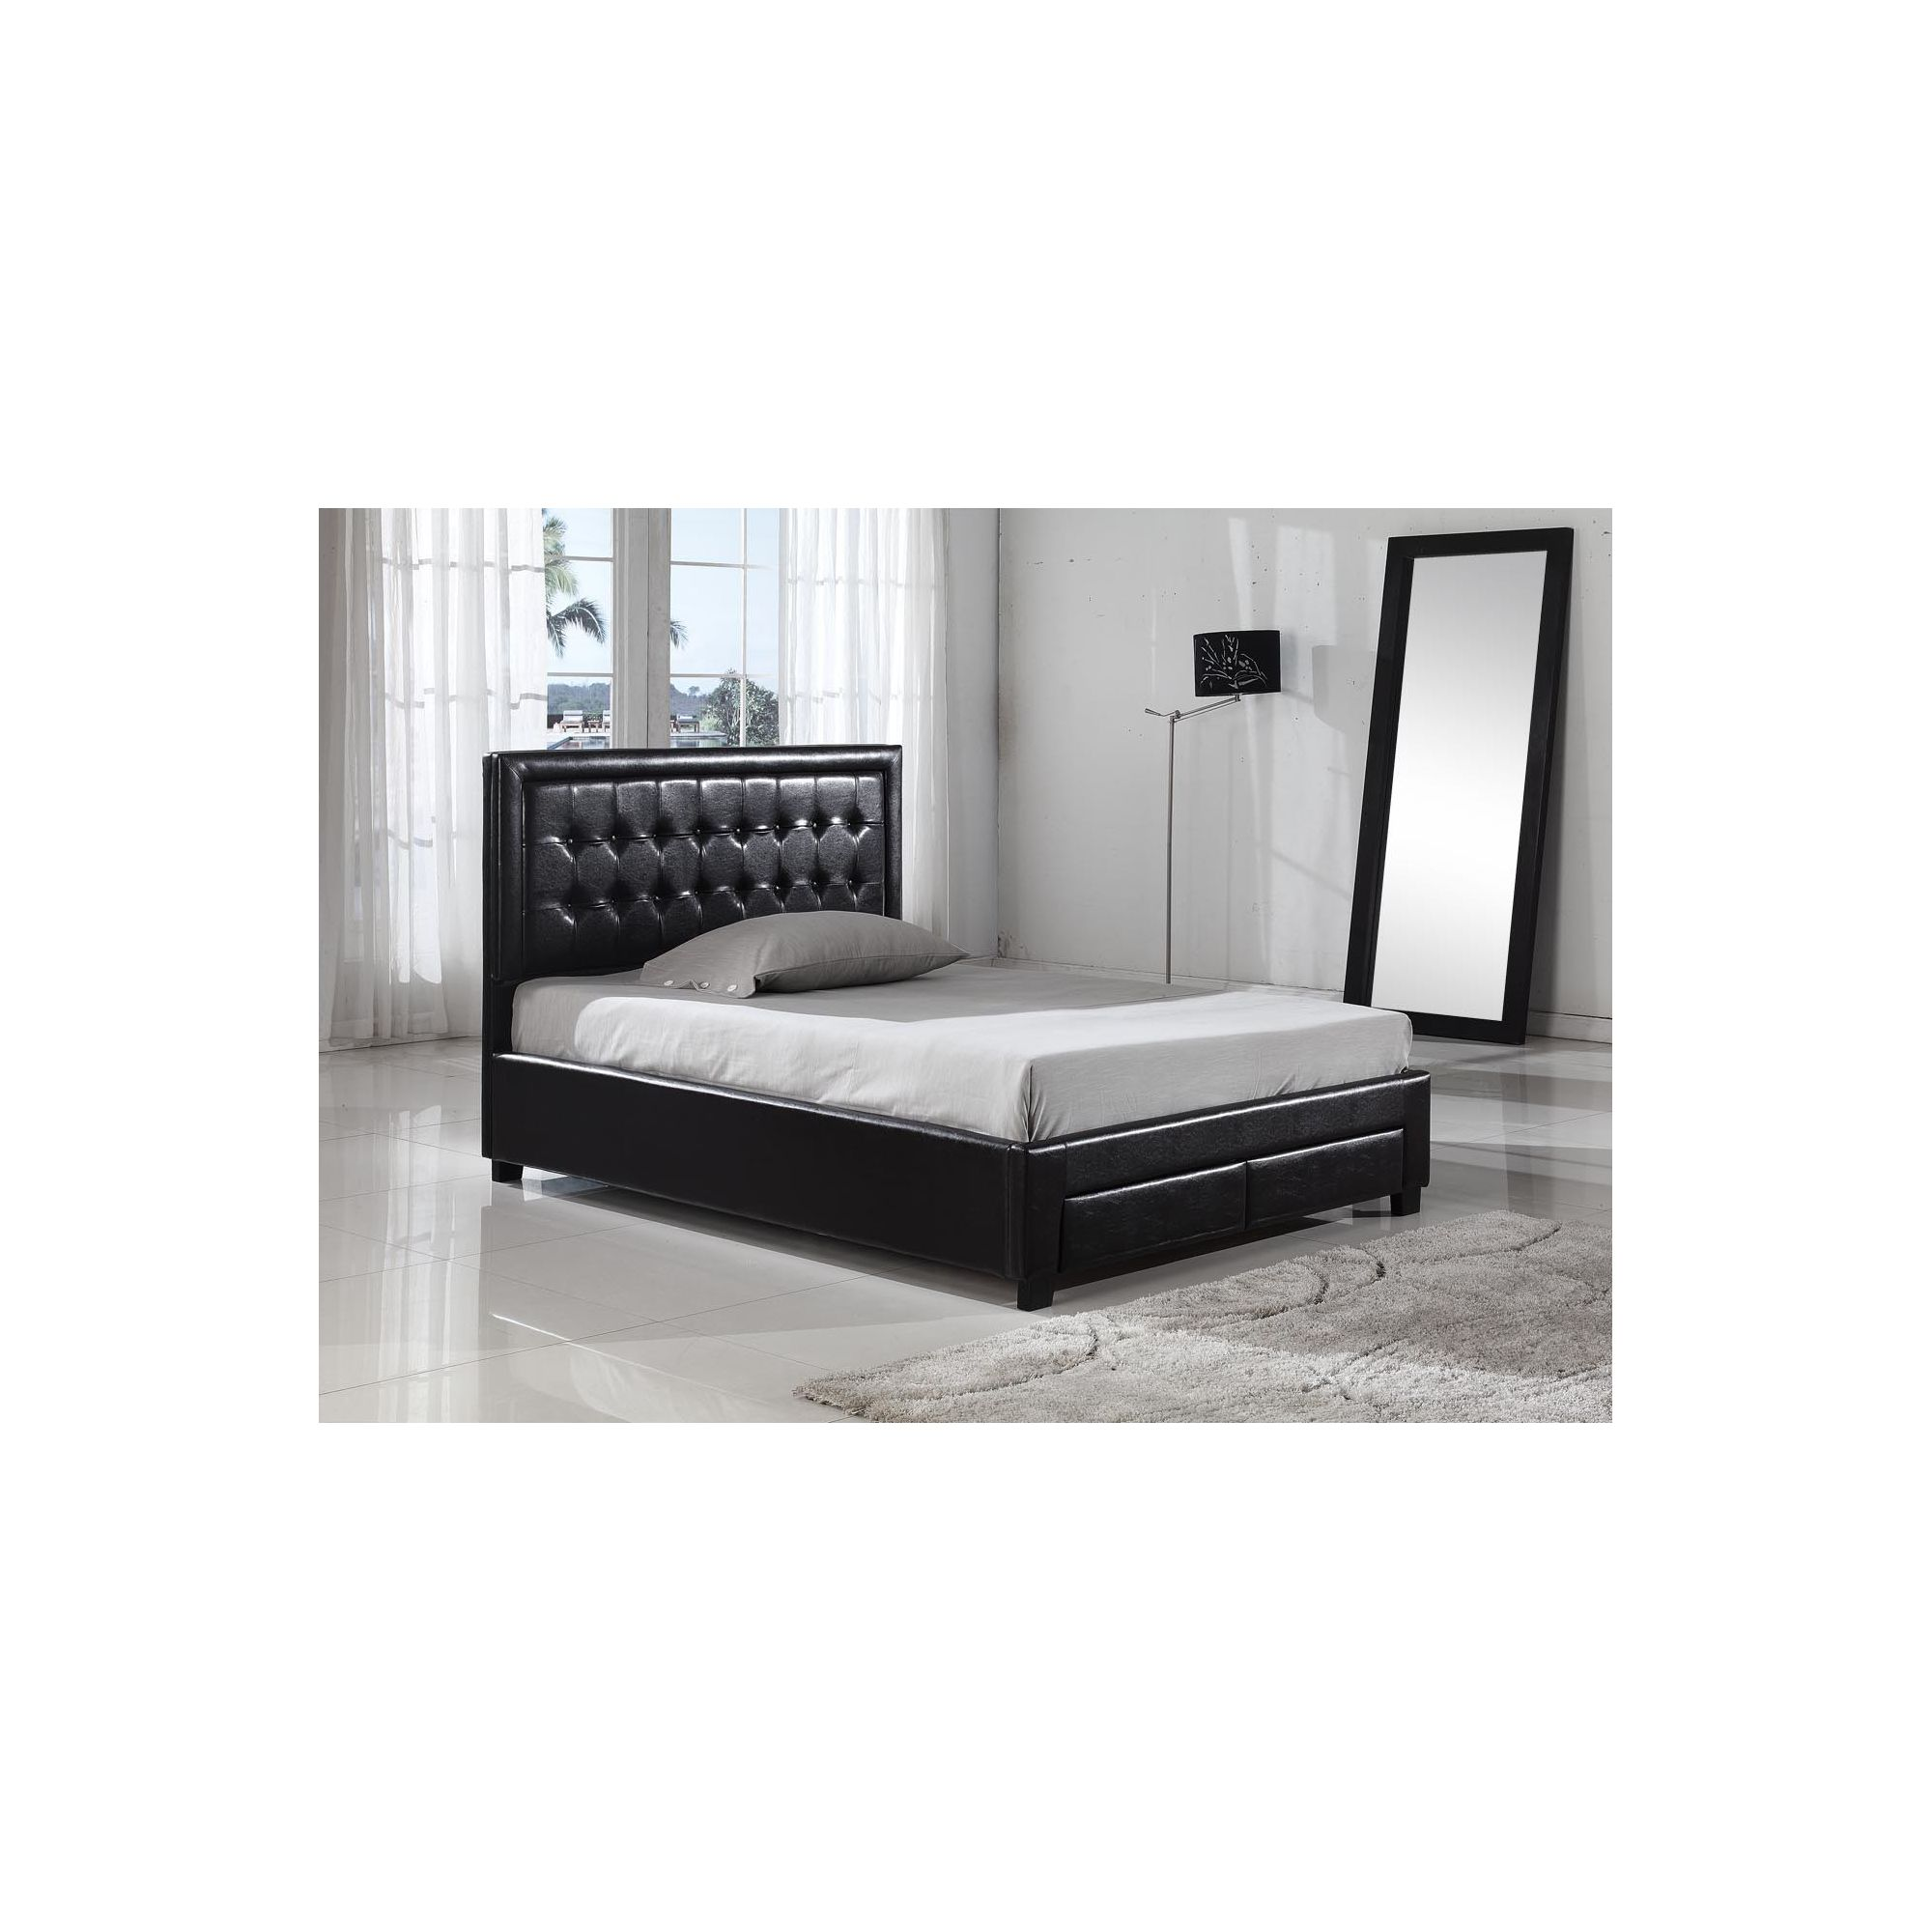 Interiors 2 suit Verona Bedframe - Black - King at Tesco Direct